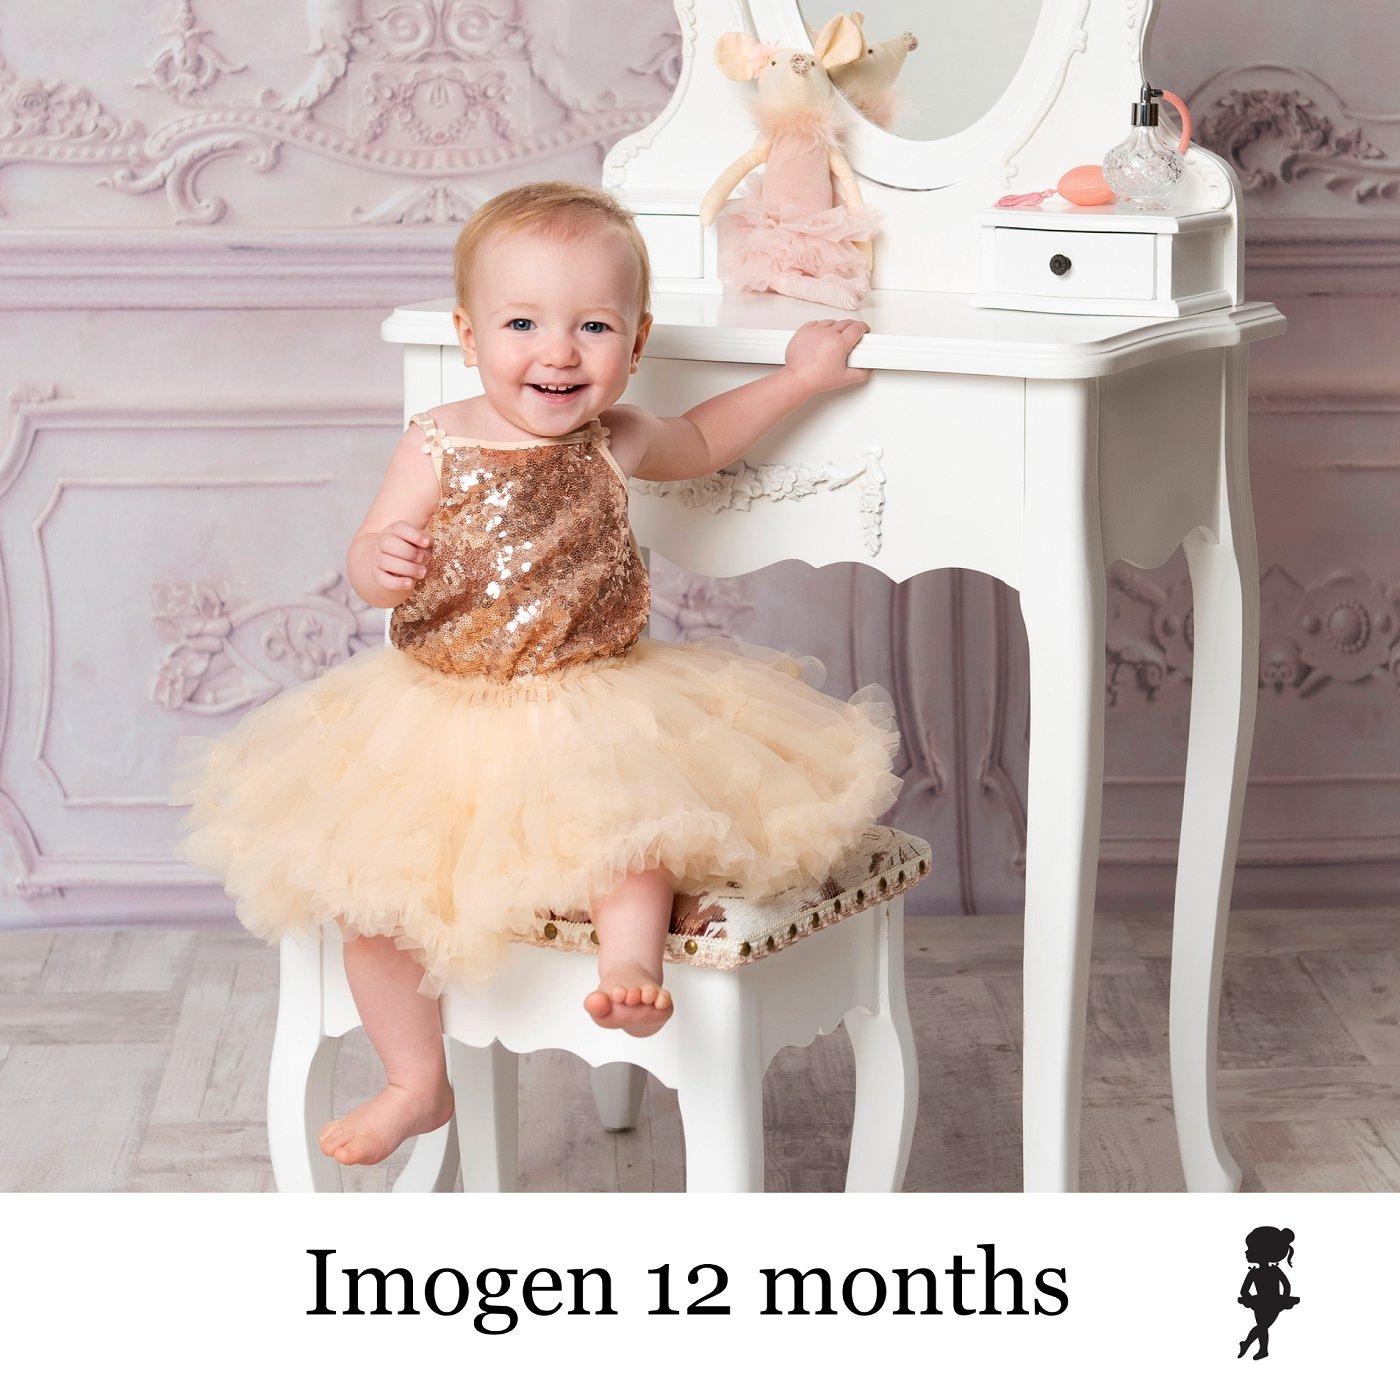 LB4519-Imogen 12moths.jpg